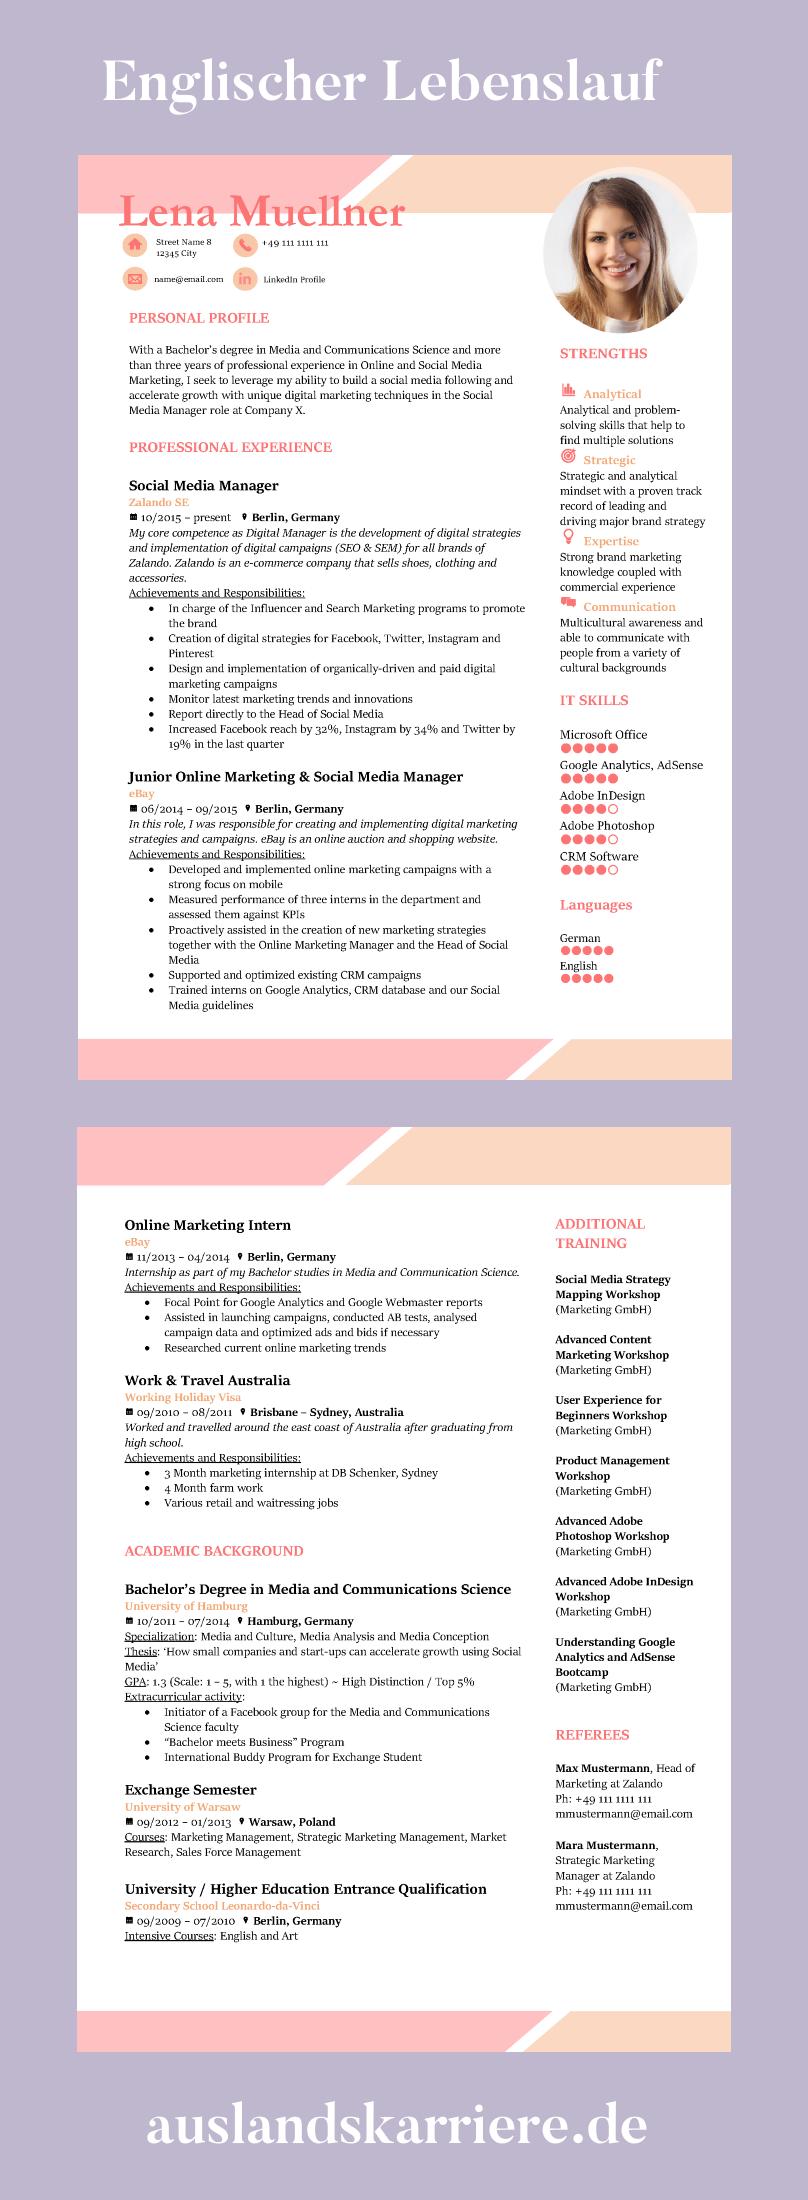 Englischer Lebenslauf Muster Beispiele Und Vorlagen Hierbei